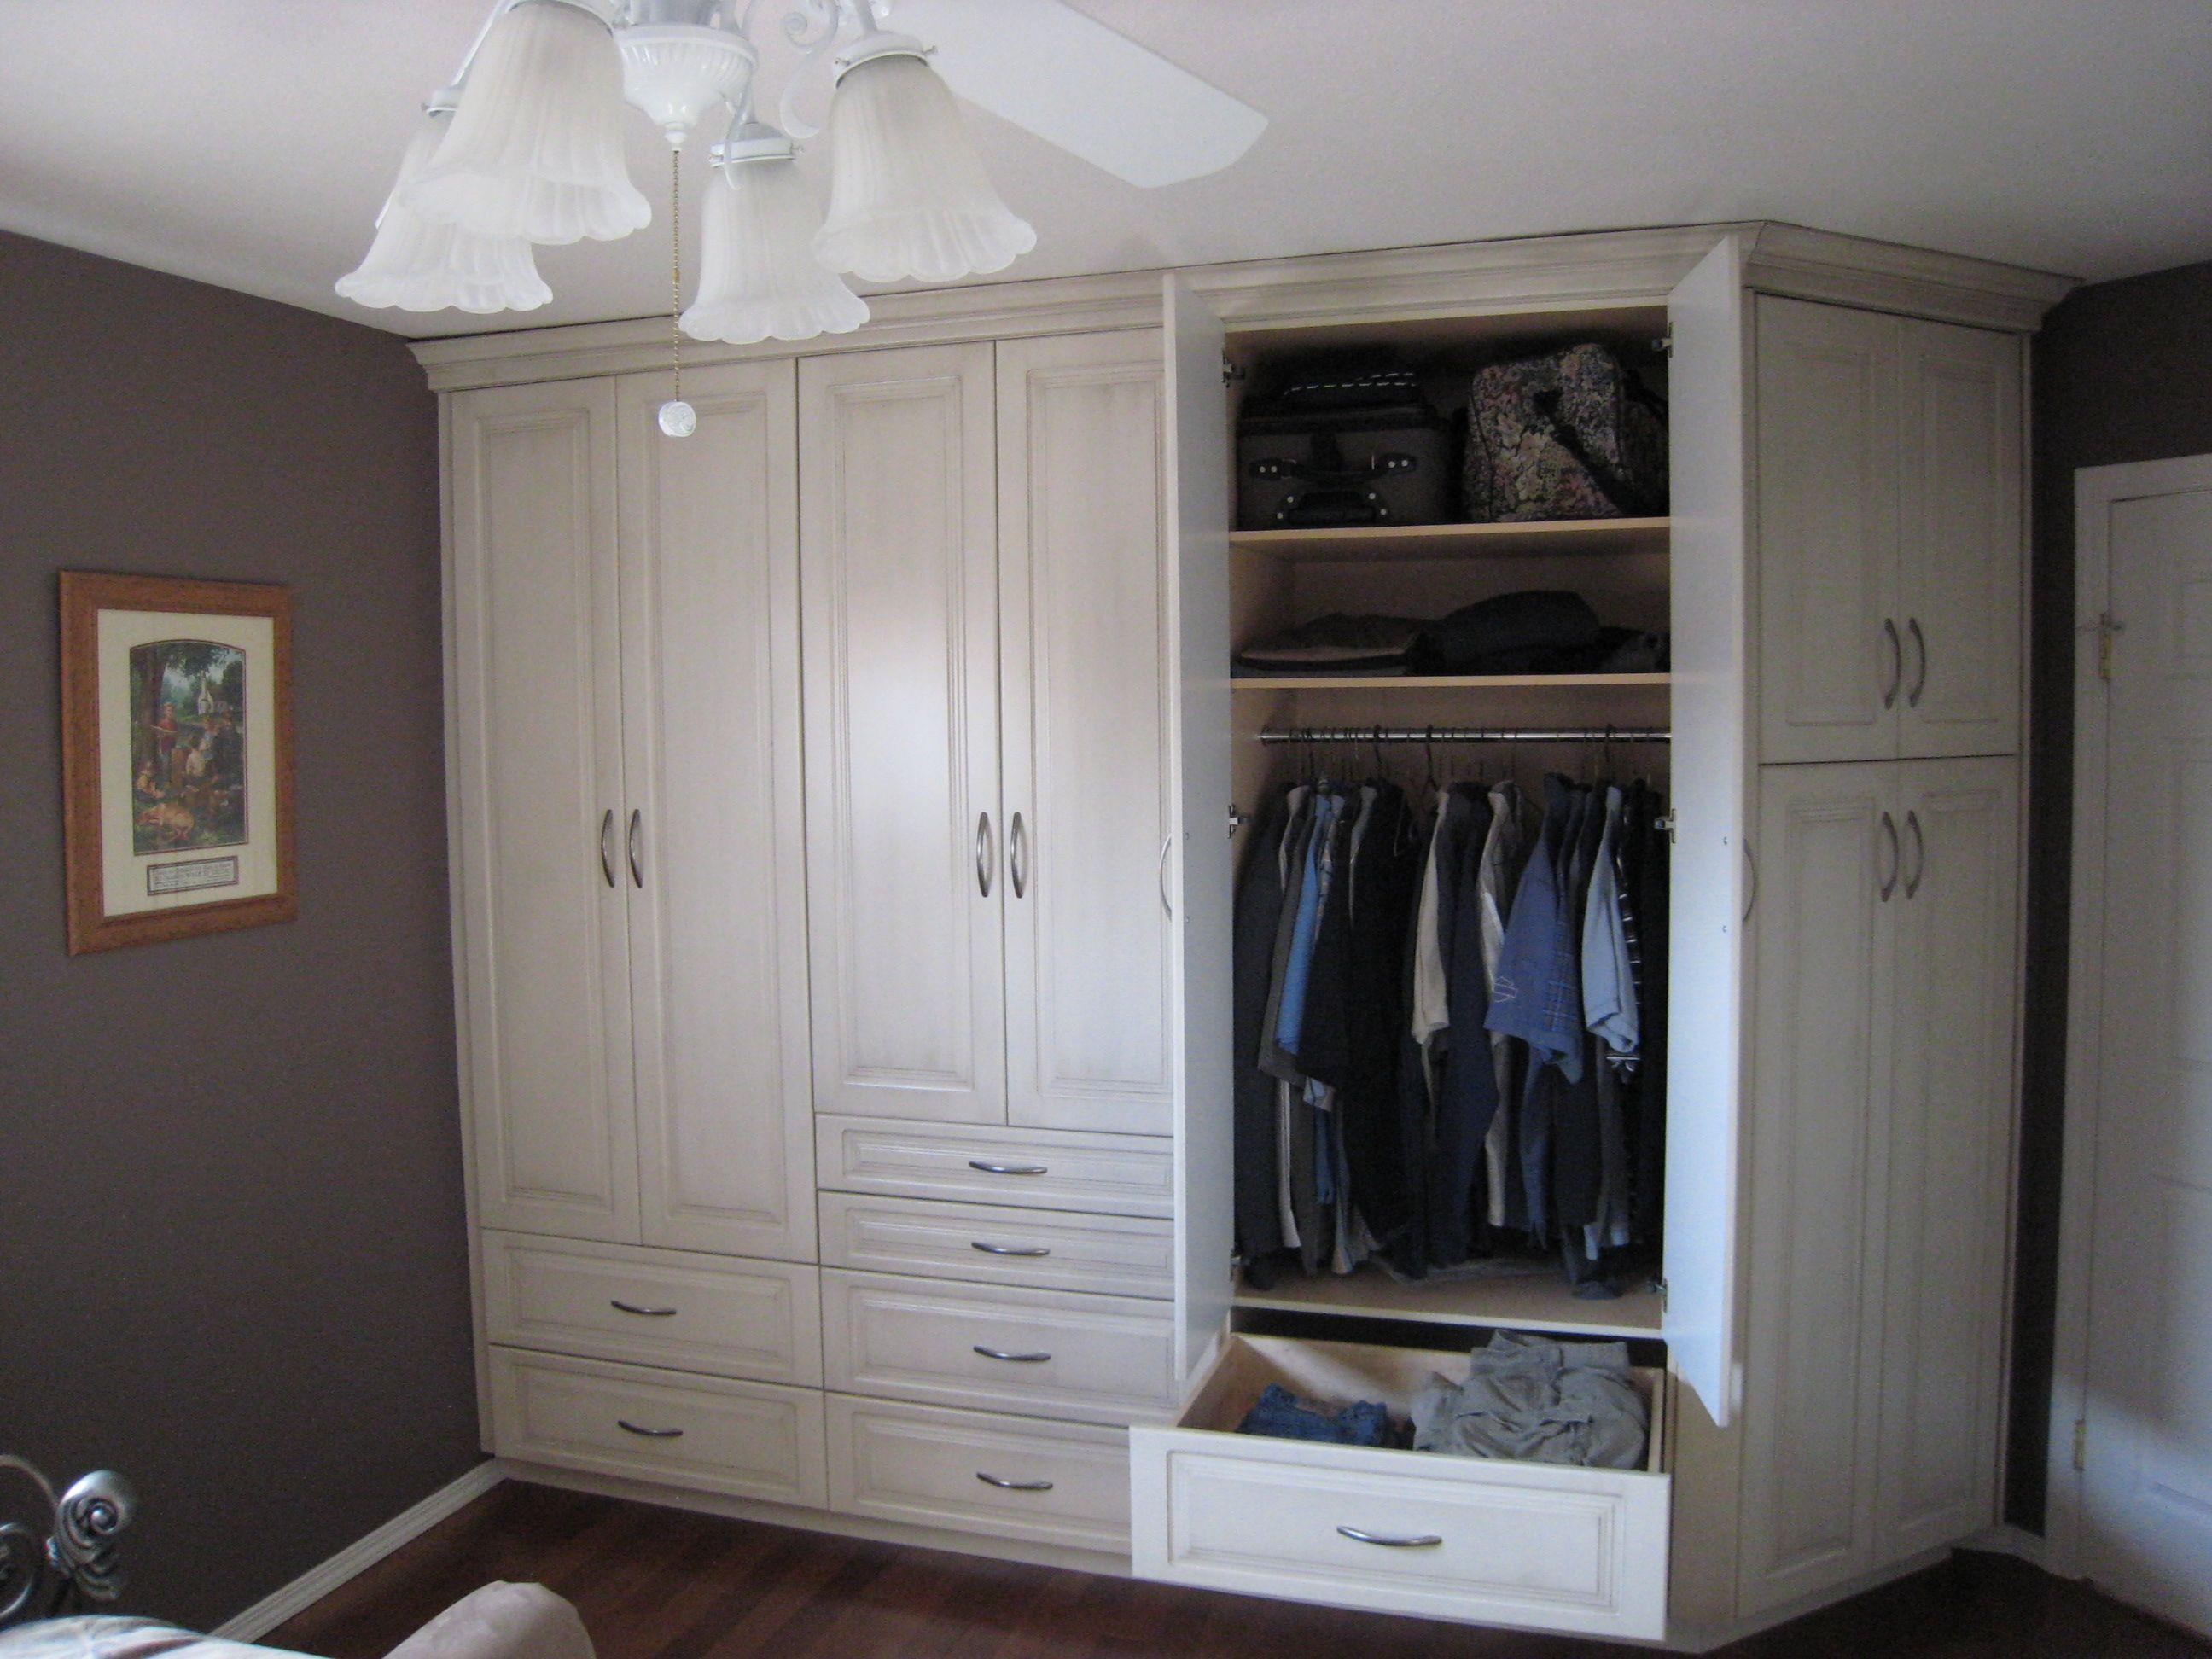 Best Bedroom Built In Closet Exactly What I Need In My Bedroom 640 x 480